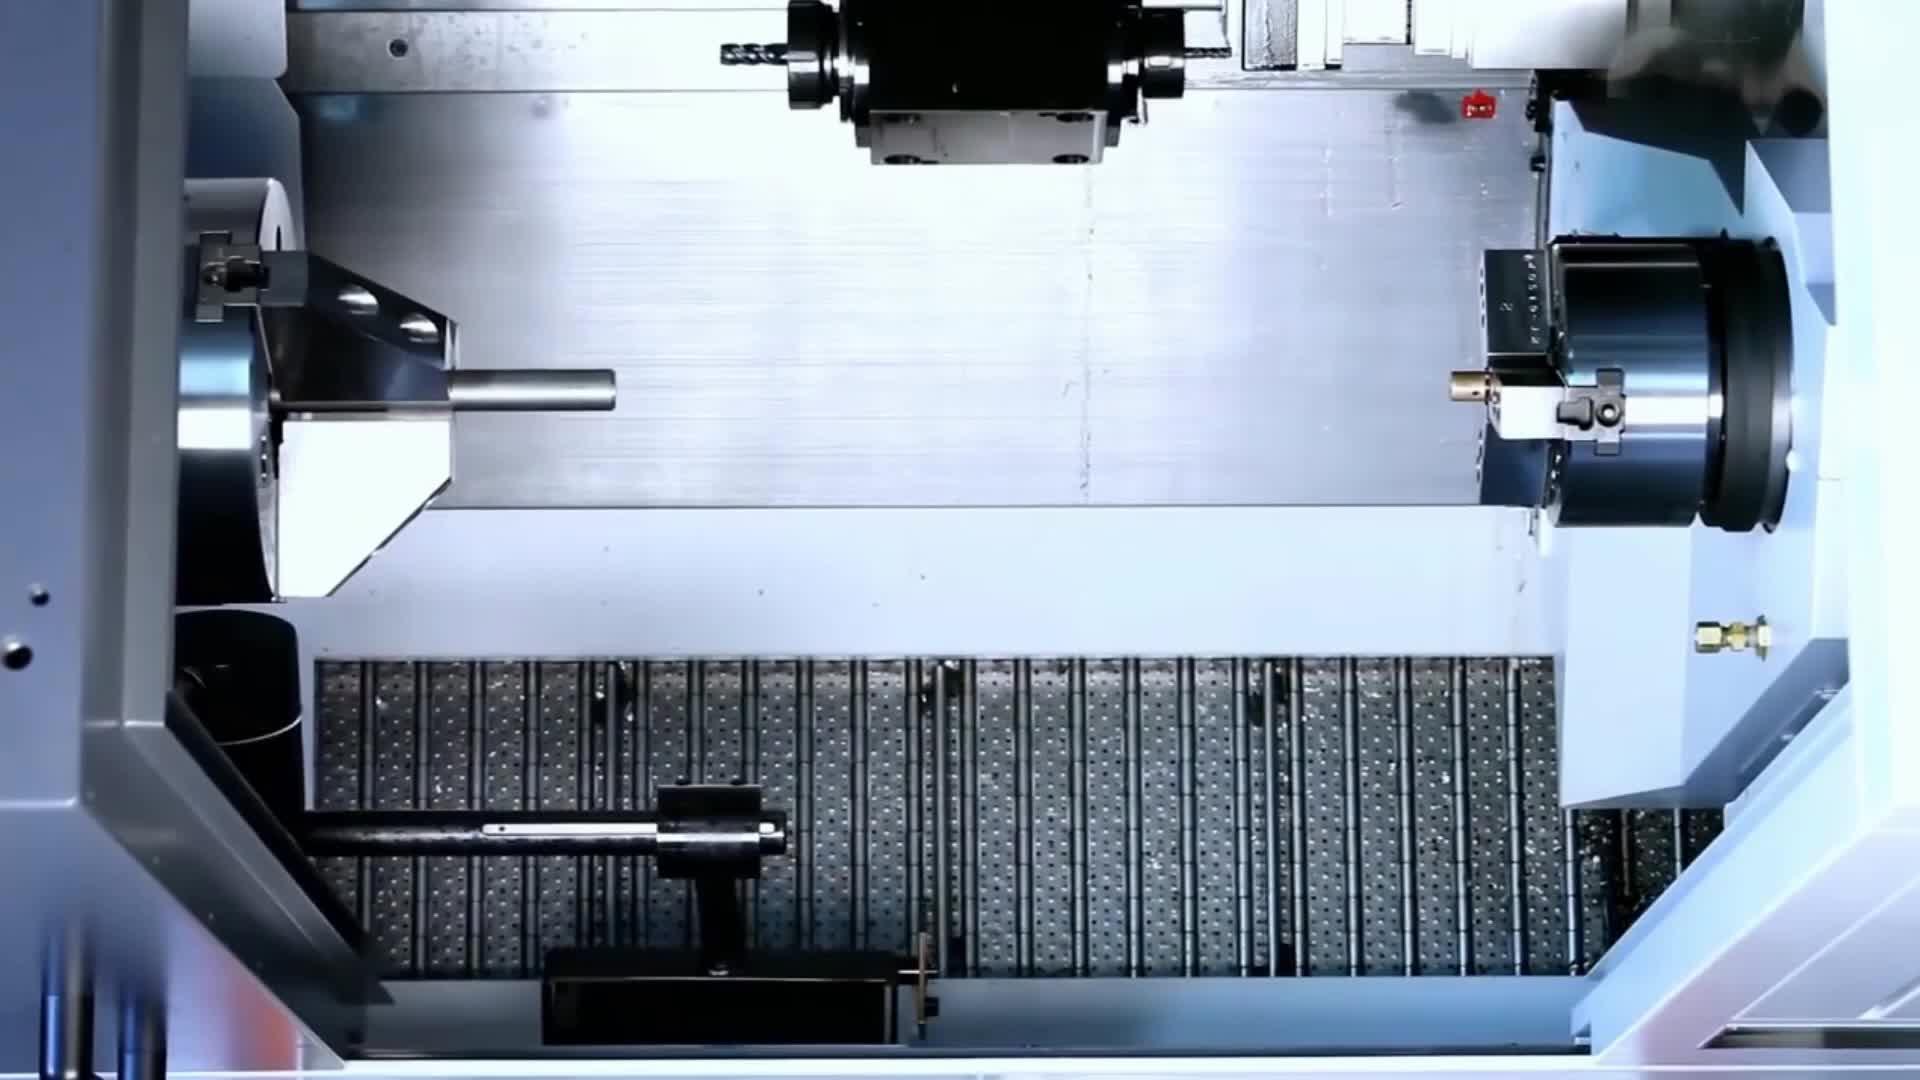 広東省組み込みデスクトップ 21.5 インチのタッチスクリーンミニ Pc コンピュータ内のすべての産業